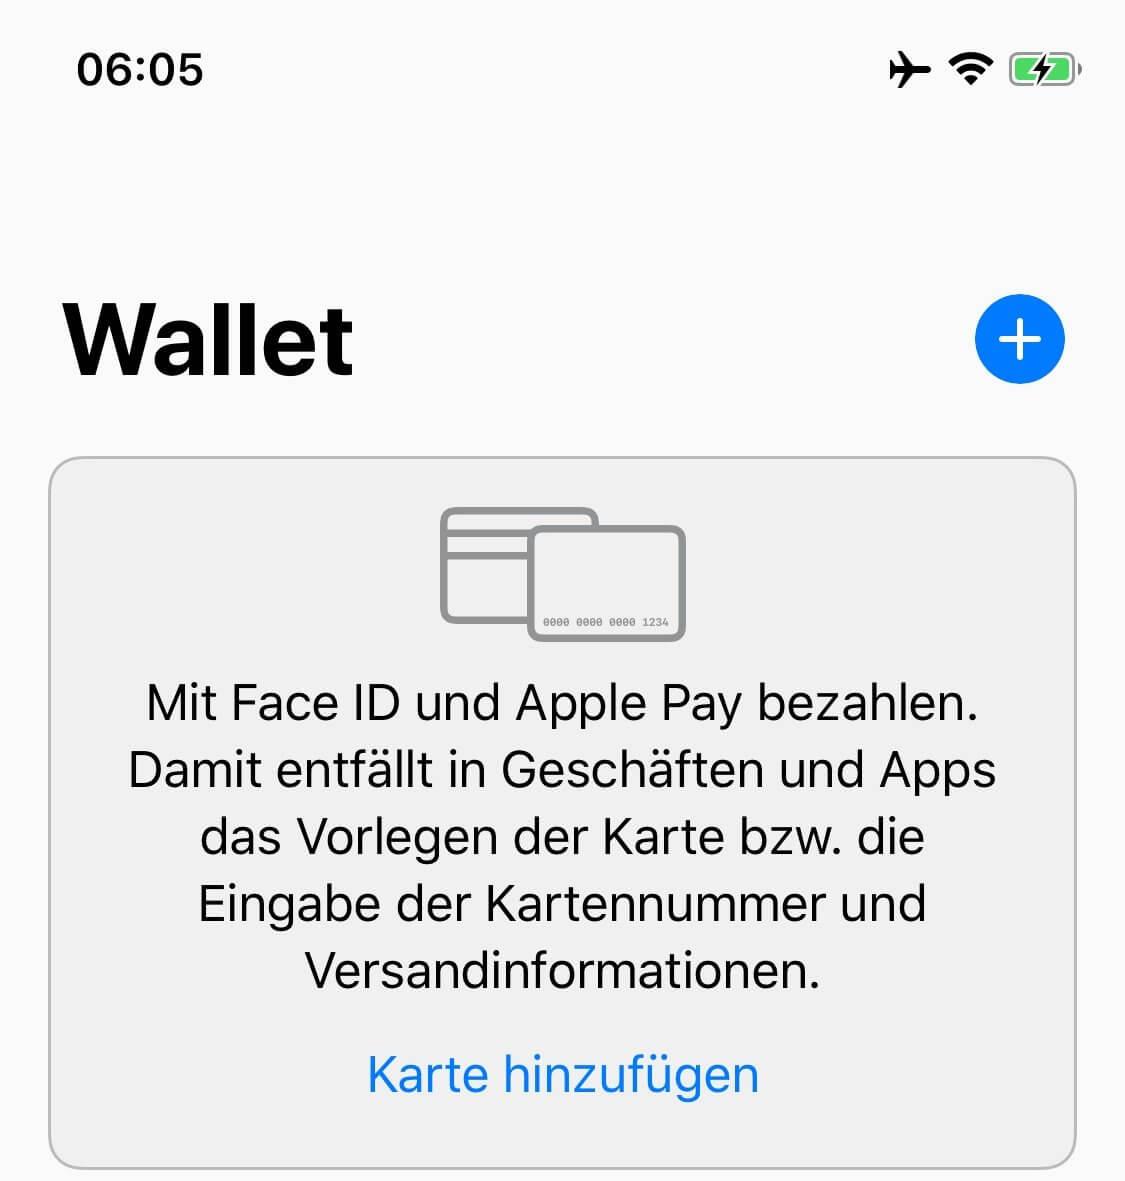 Www Mein Edenred De Karte Registrieren.Apple Pay Ist In Deutschland Angekommen Update Banken Auch So Weit